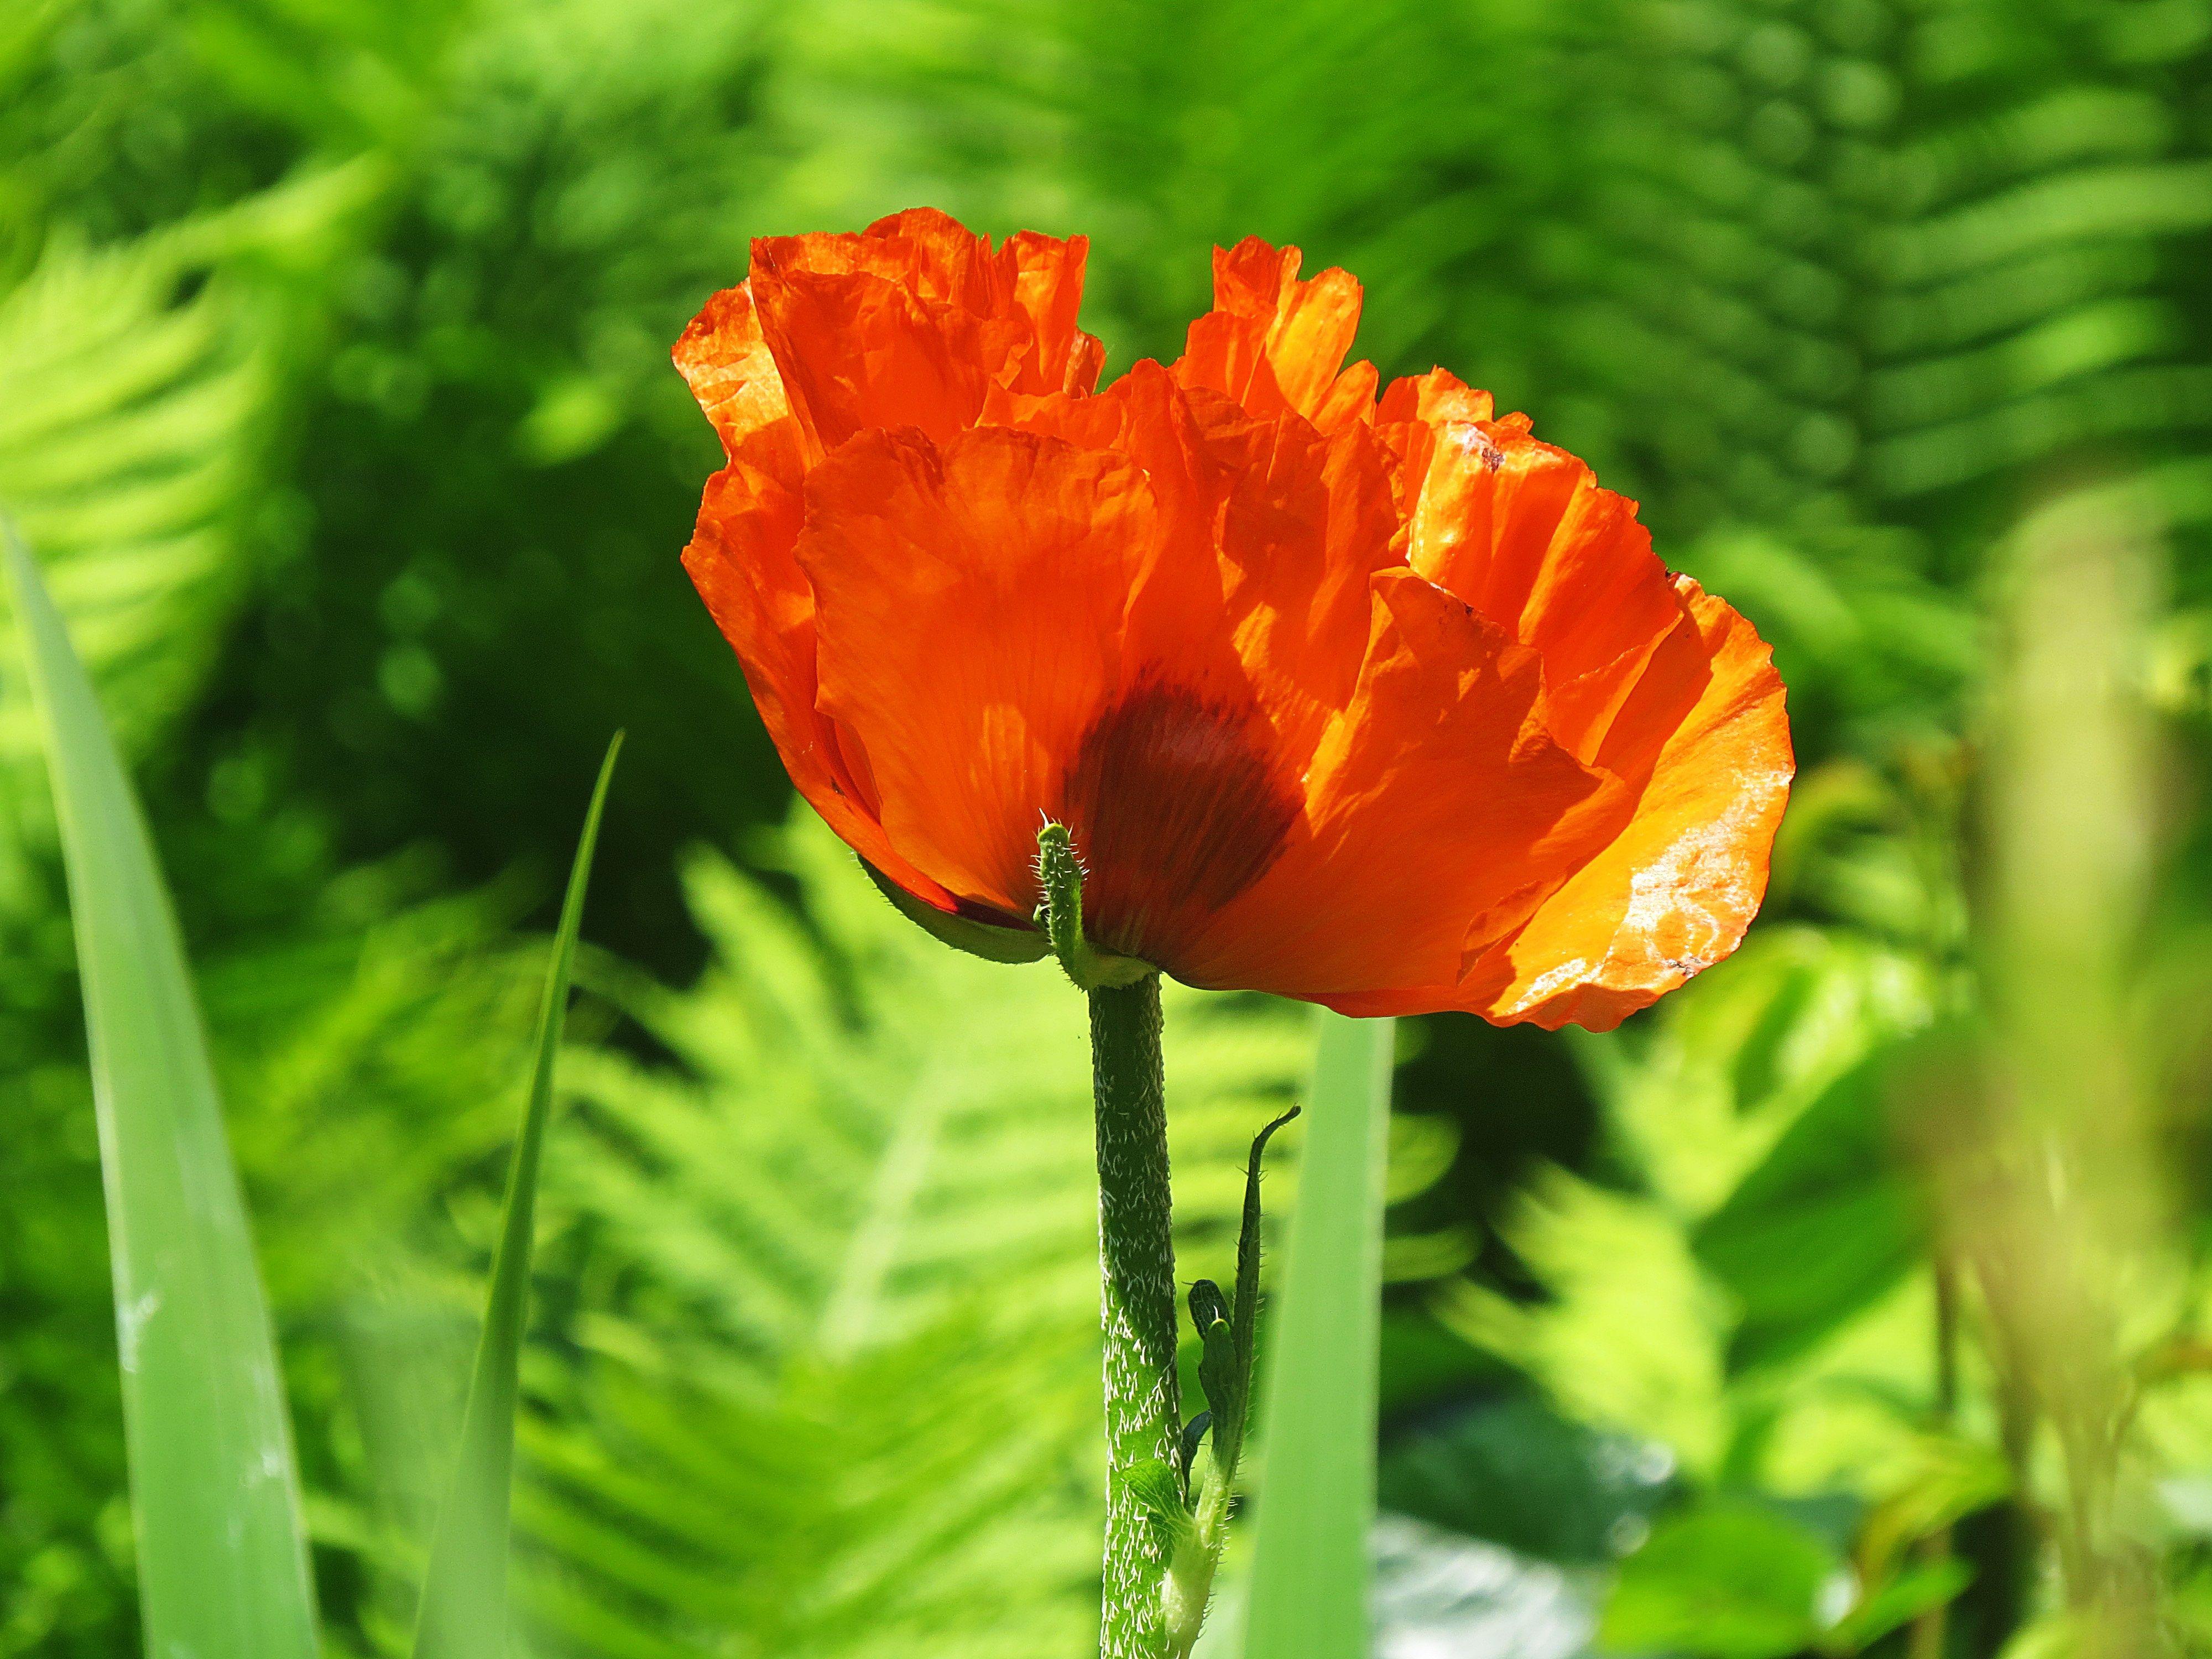 Mohnblume | Blumen, Mohnblume, Mohn